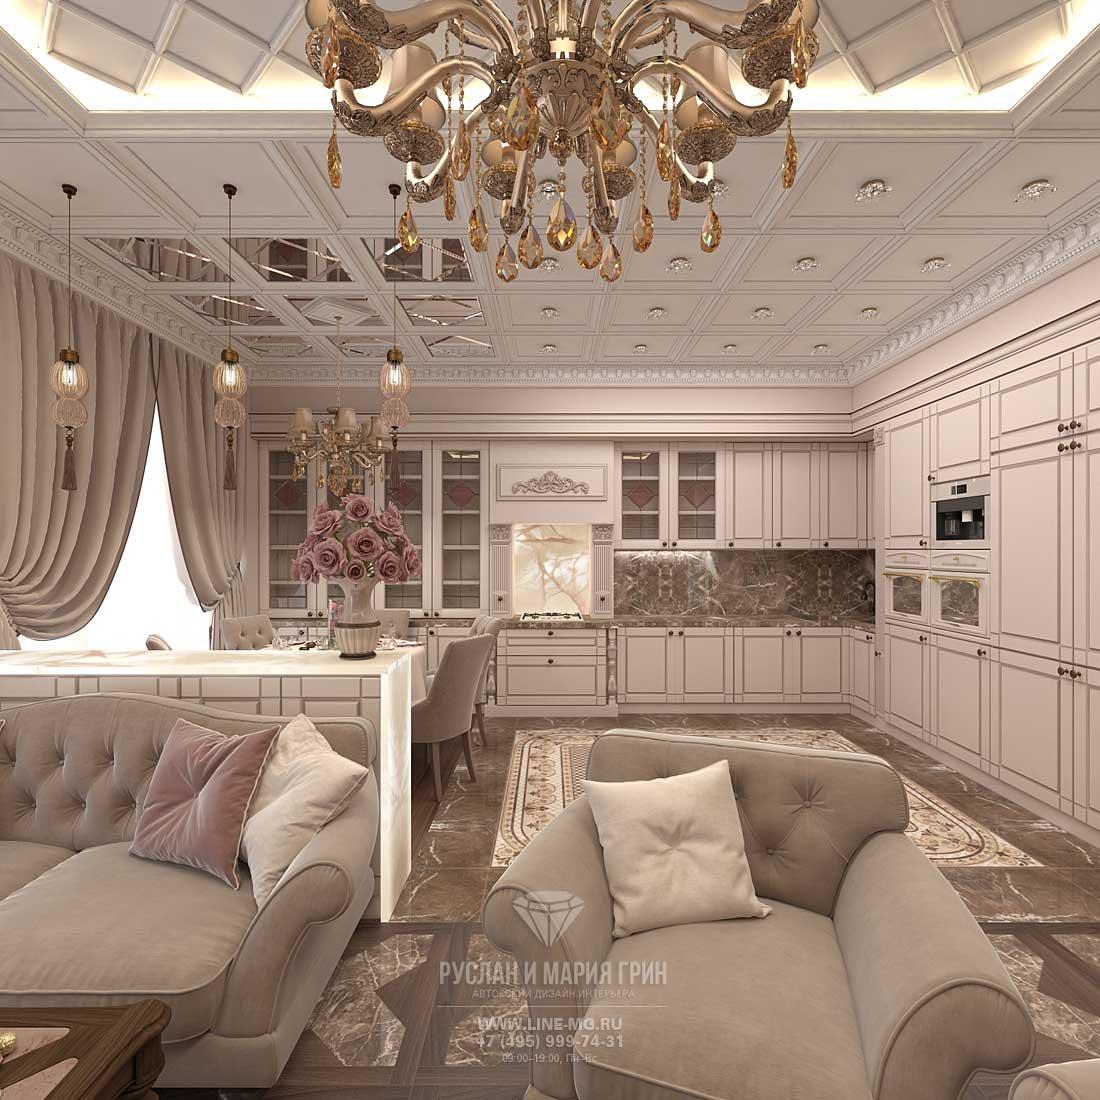 Дизайн гостиной, совмещенной с кухней. Фото интерьера квартиры